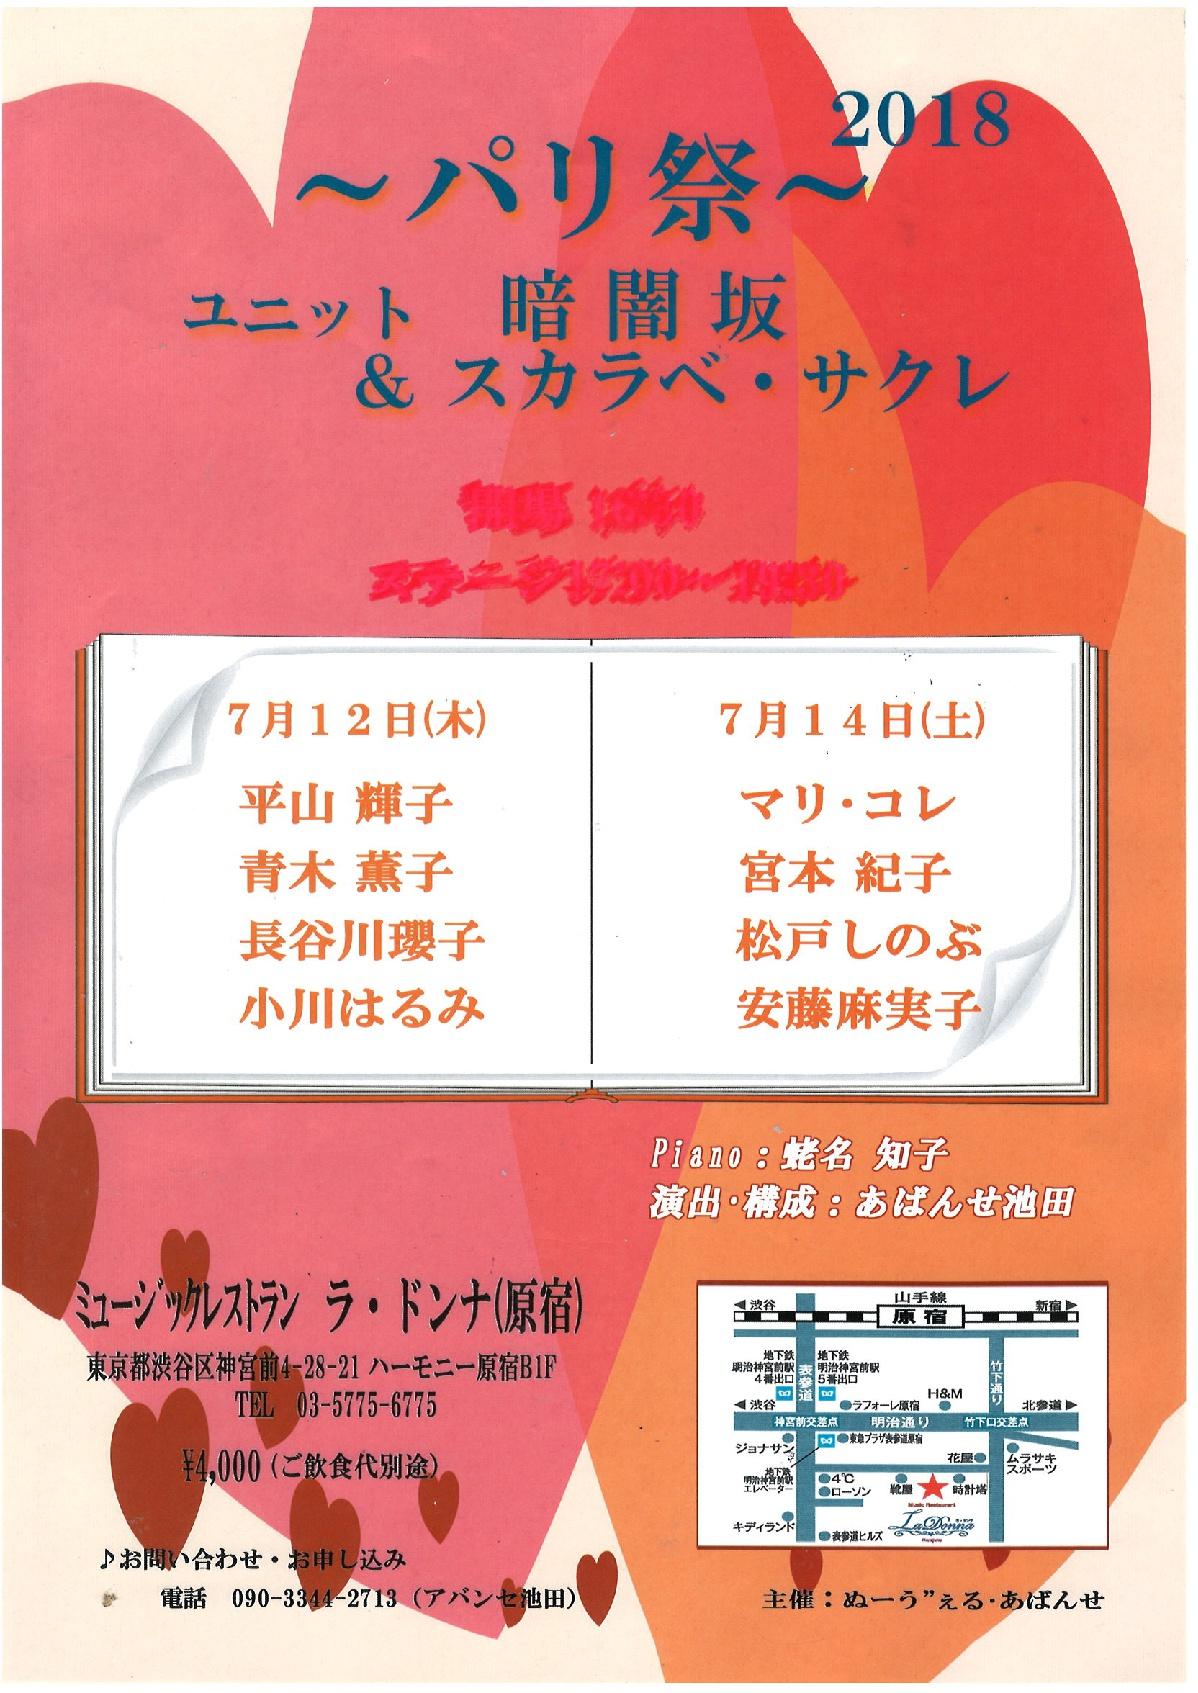 2018~パリ祭~ vol.1 ユニット 暗闇坂&スカラベ・サクレ